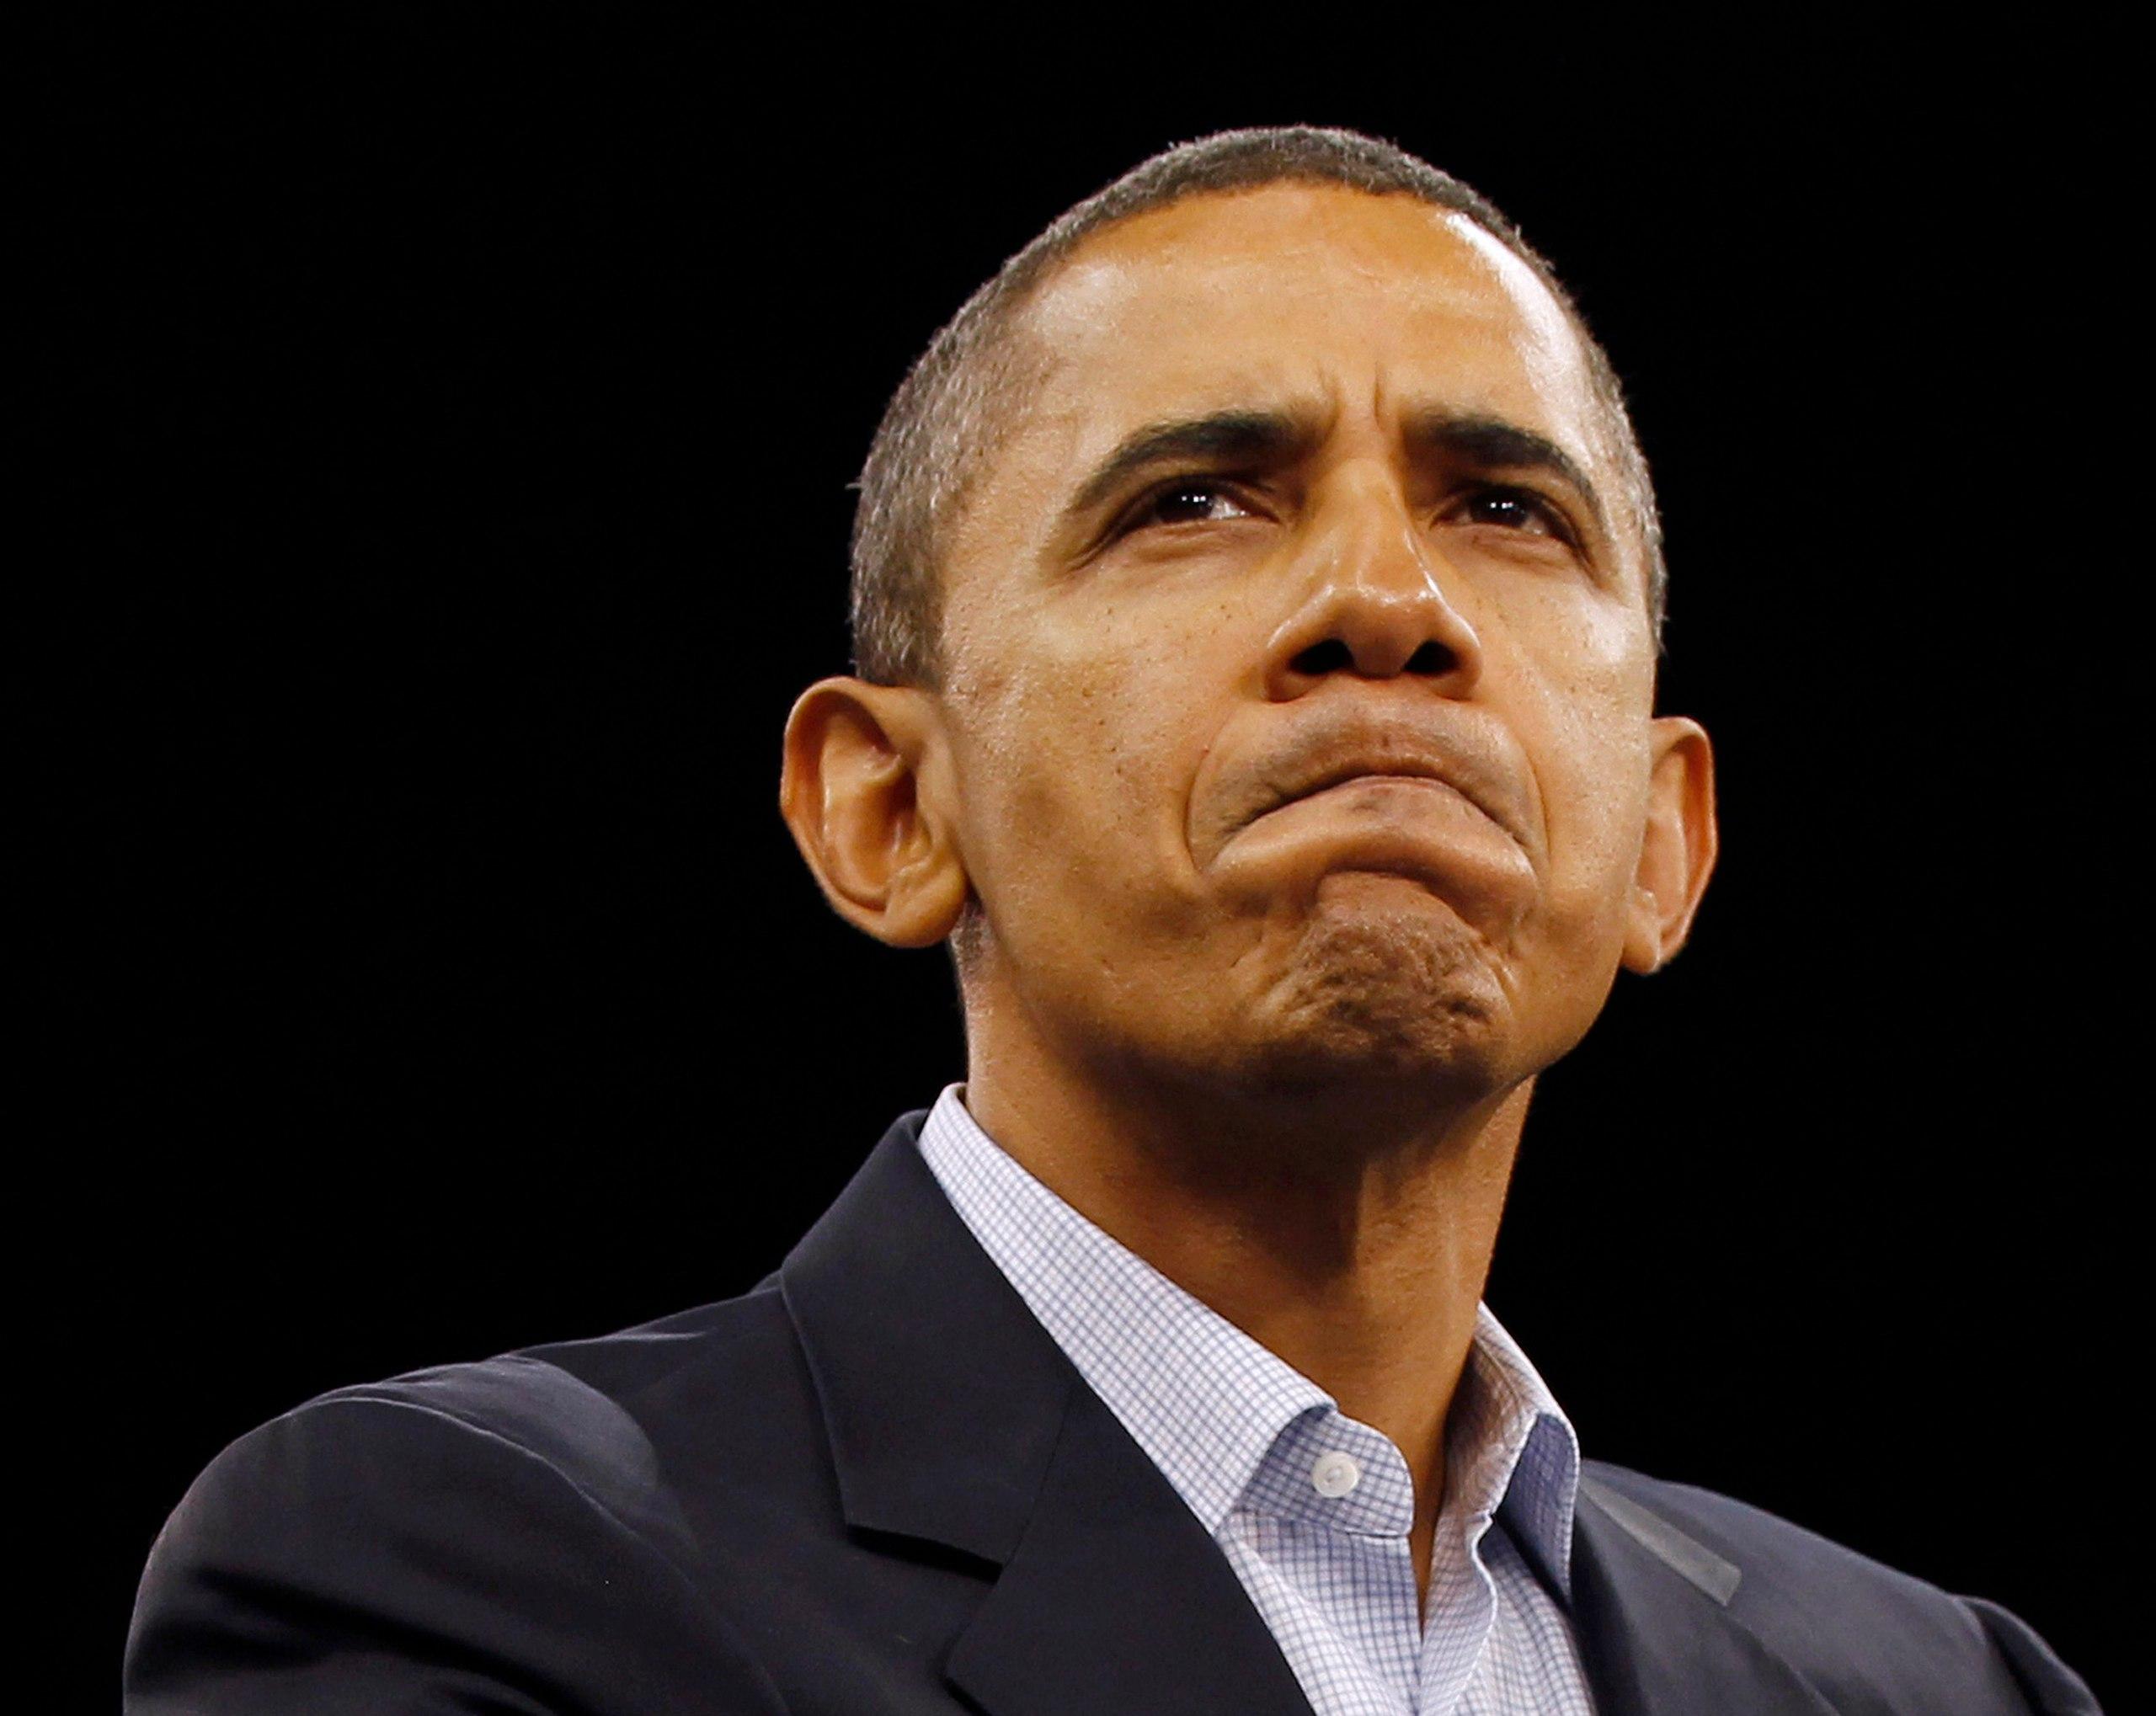 Нелепая пресс-конференция: Обама сел в лужу и ушел по-гавайски